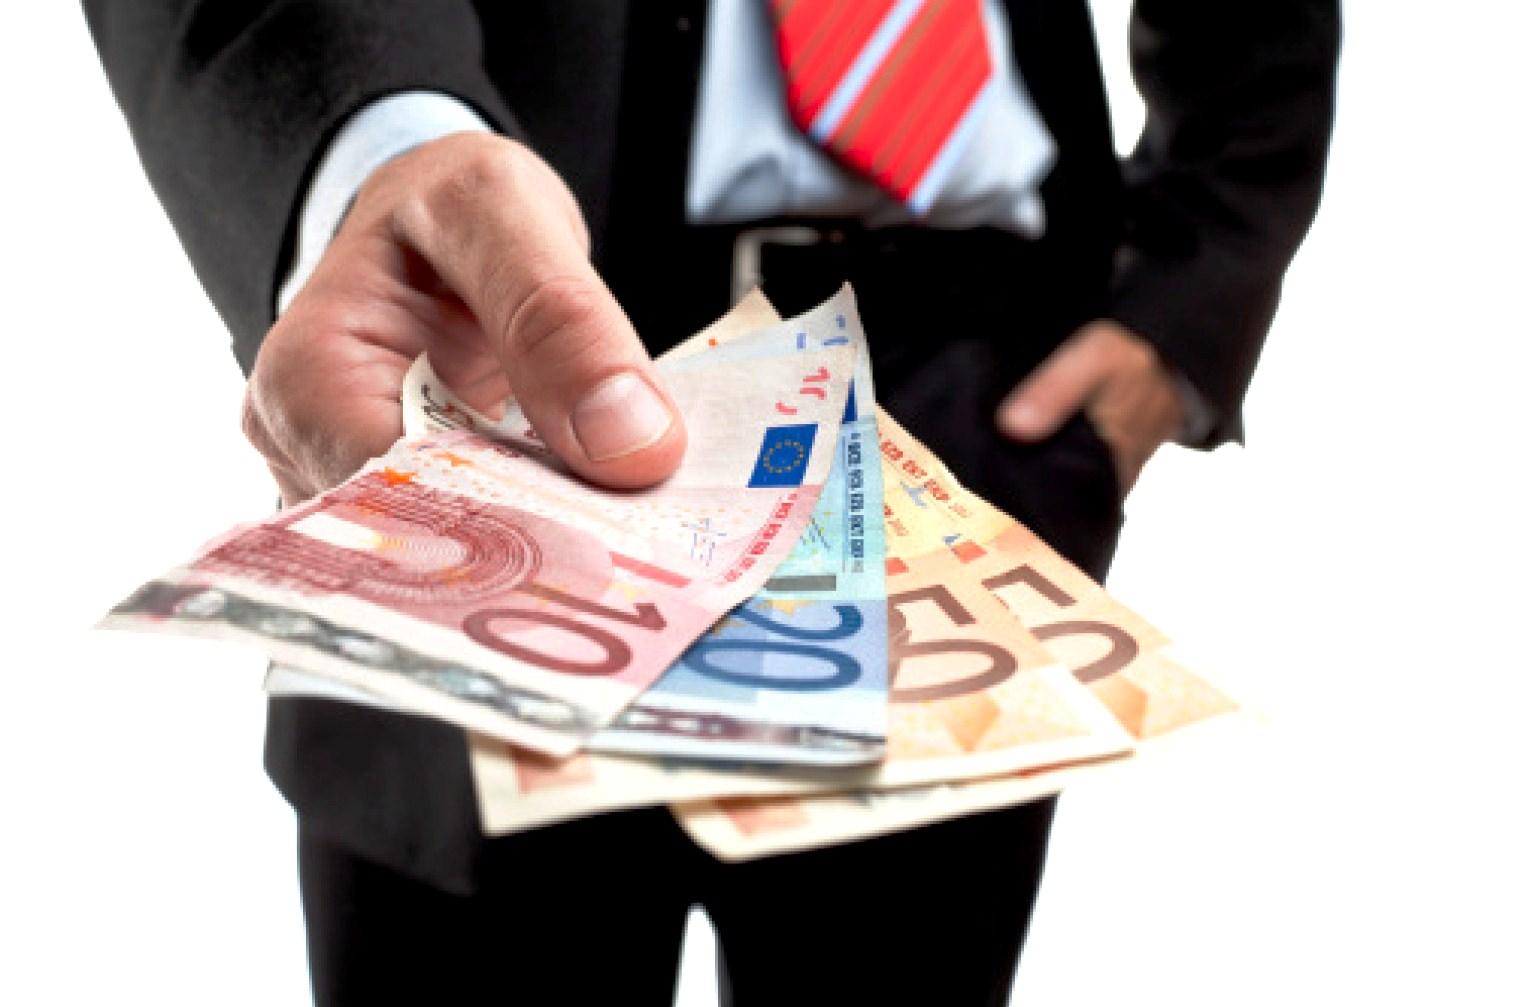 prestiti Findomestic e Agos